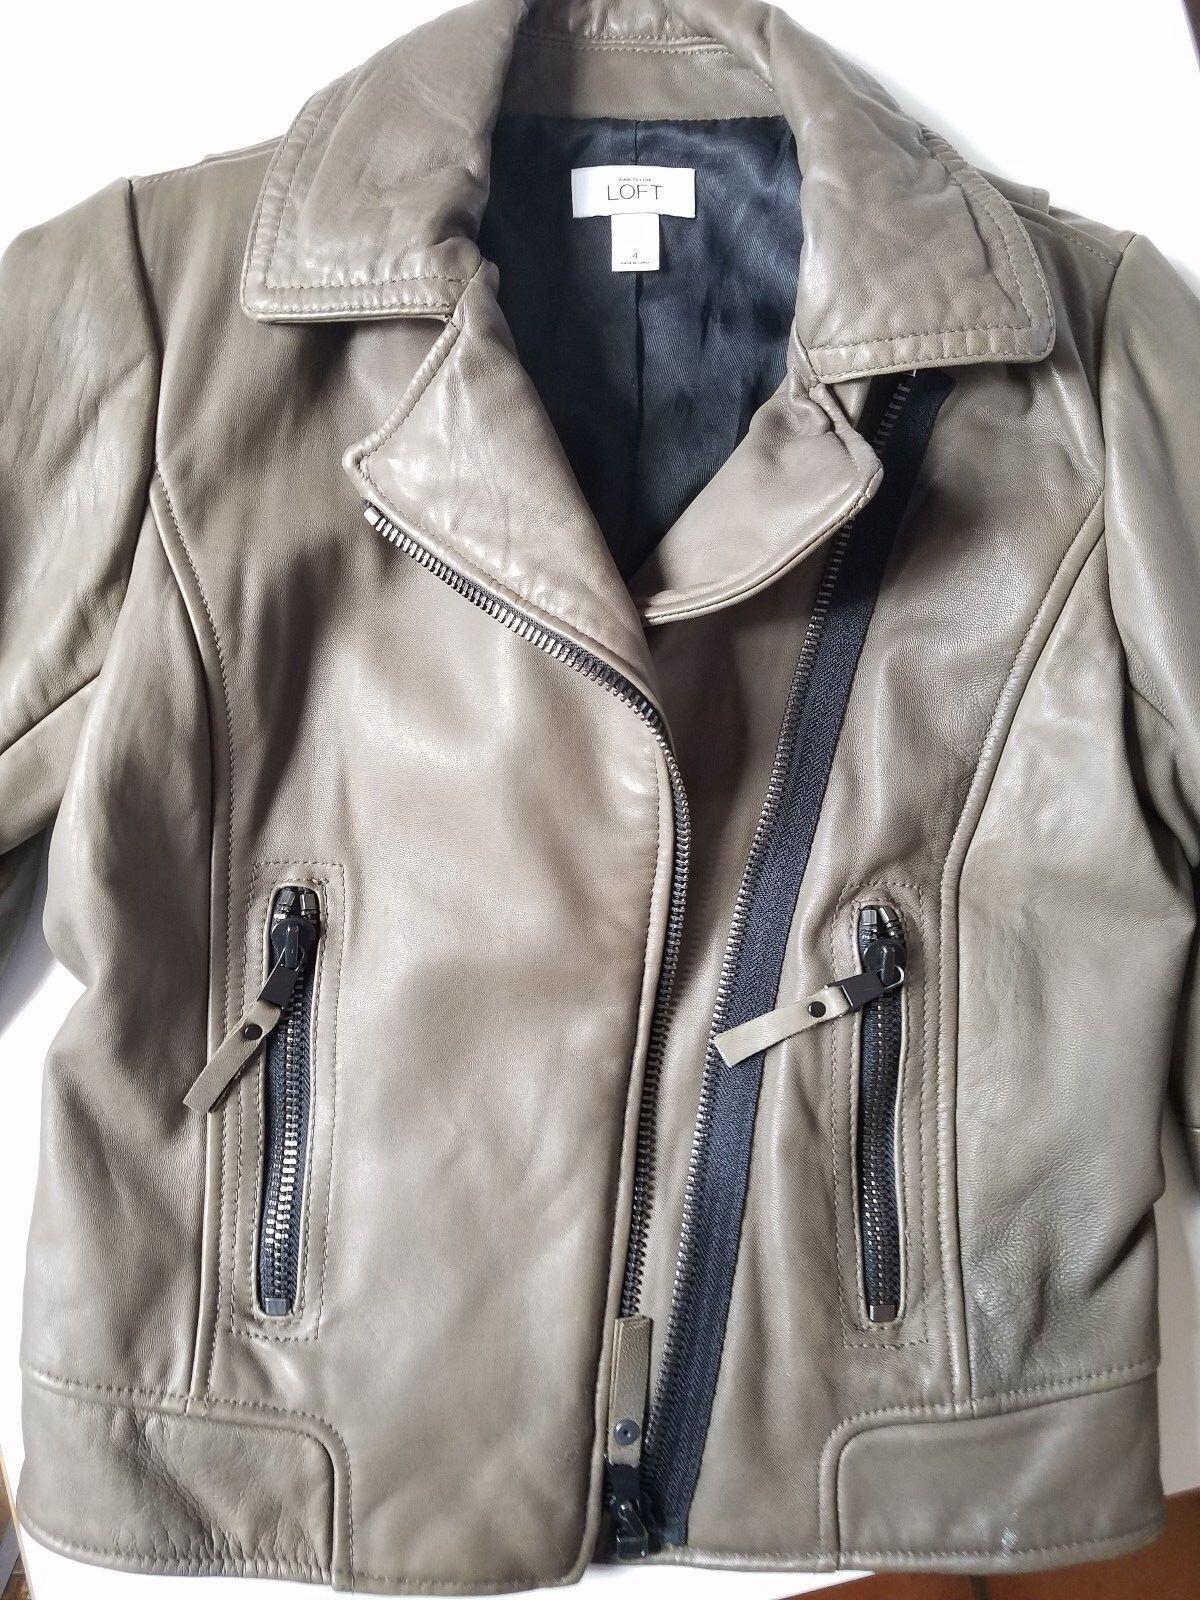 Womens Ann Taylor Loft Size 4 Asymmetrical Asymmetrical Asymmetrical Zip Leather Zippers Brown 0e2020